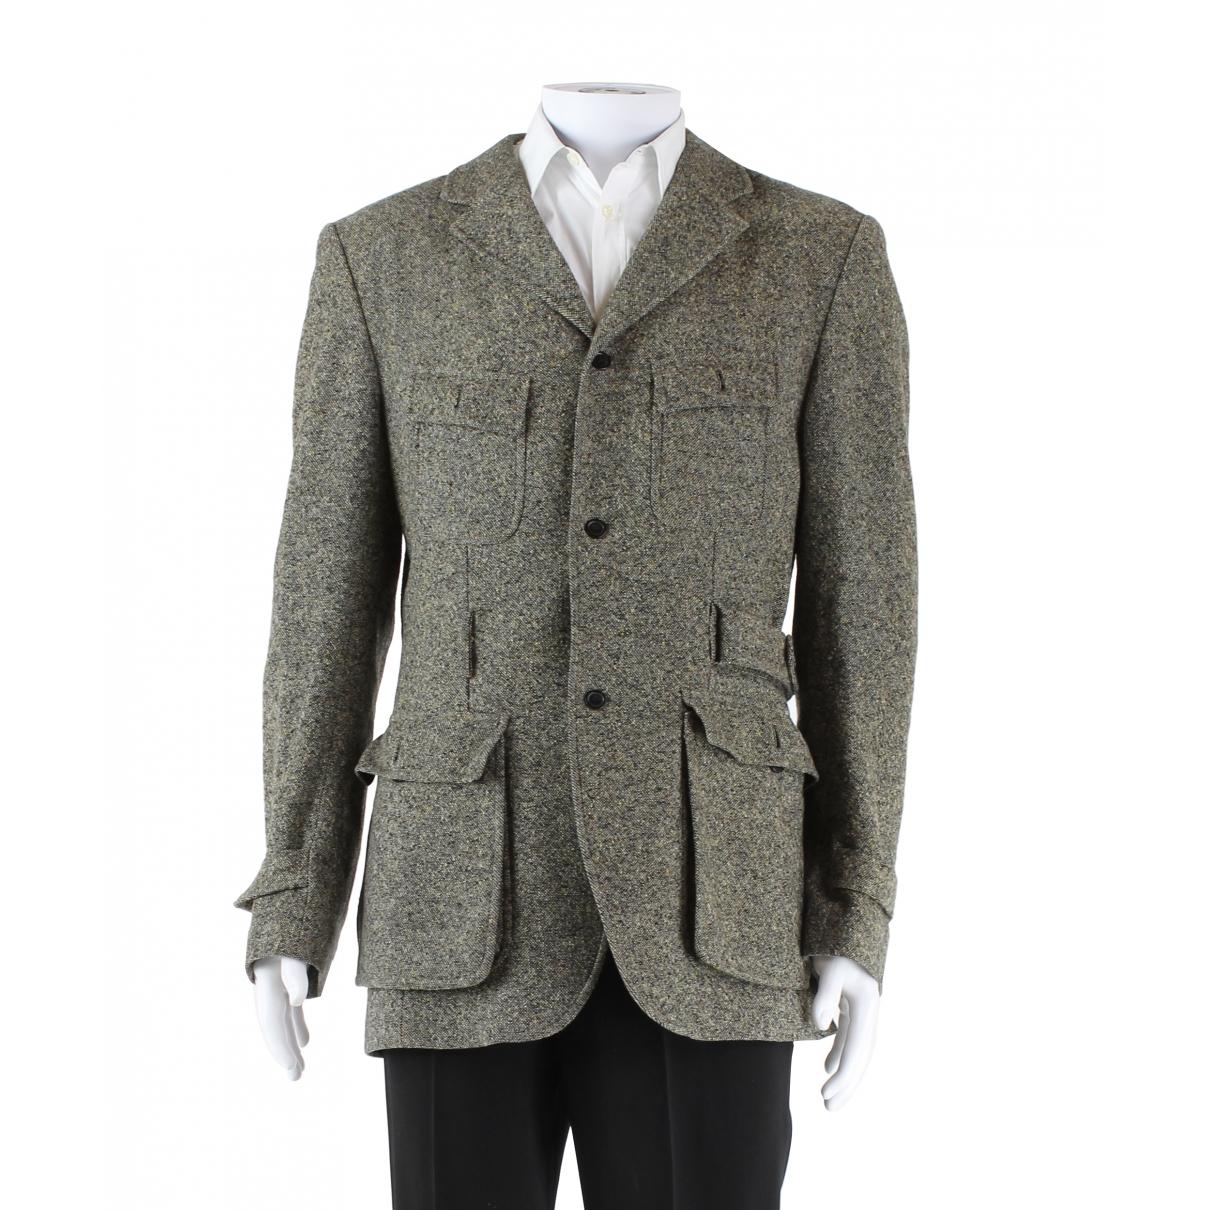 Kenzo - Vestes.Blousons   pour homme en laine - marron